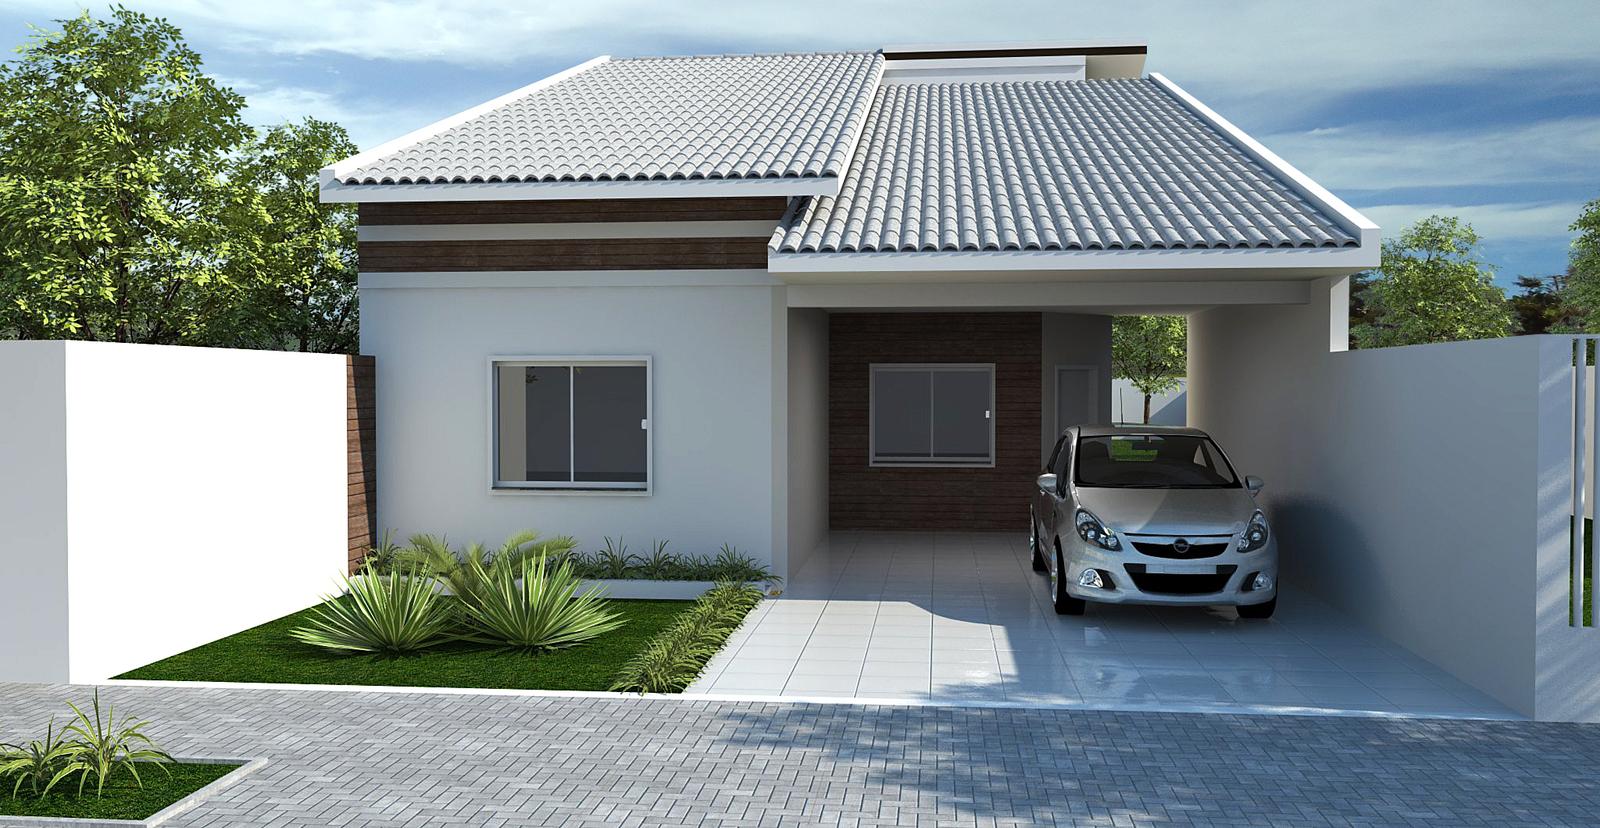 30 modelos incr veis de fachadas de casas pequenas e modernas